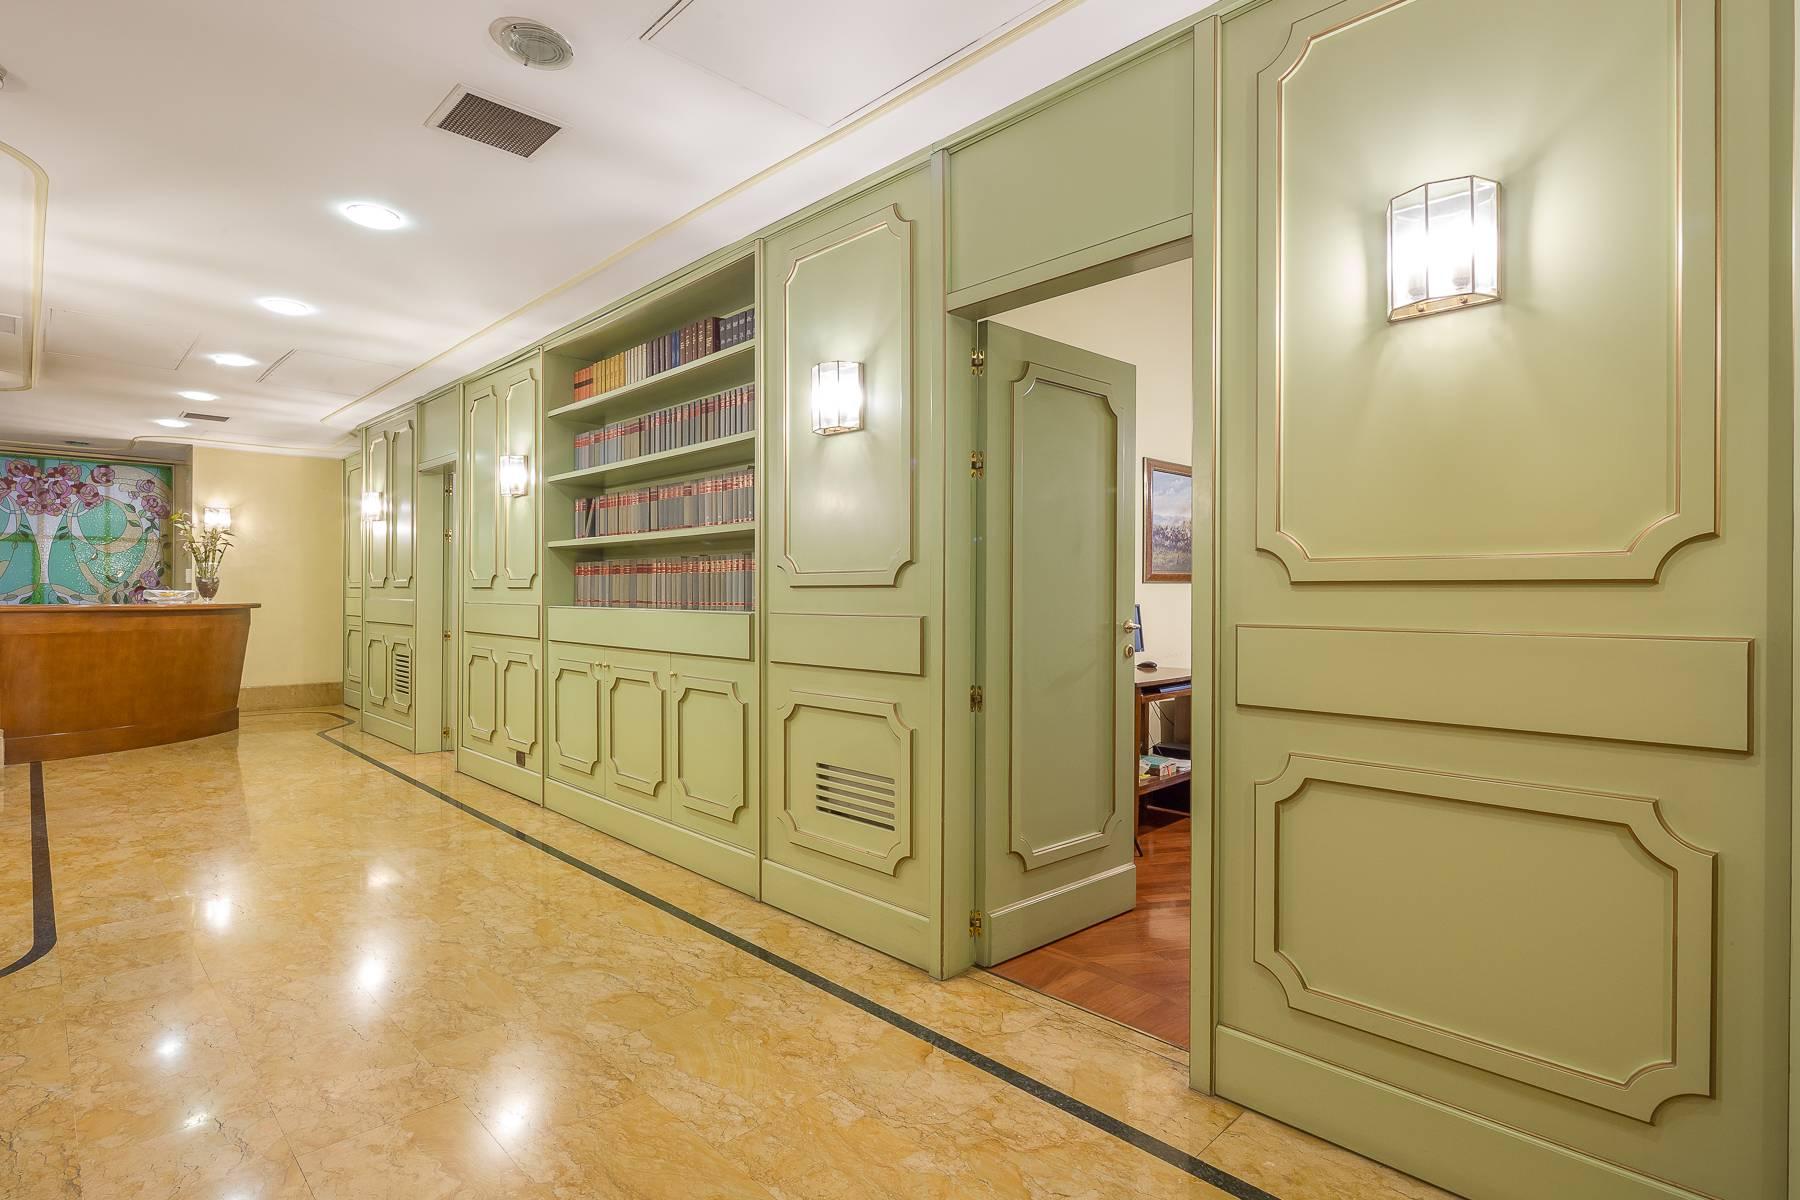 Ufficio-studio in Vendita a Milano: 5 locali, 470 mq - Foto 11